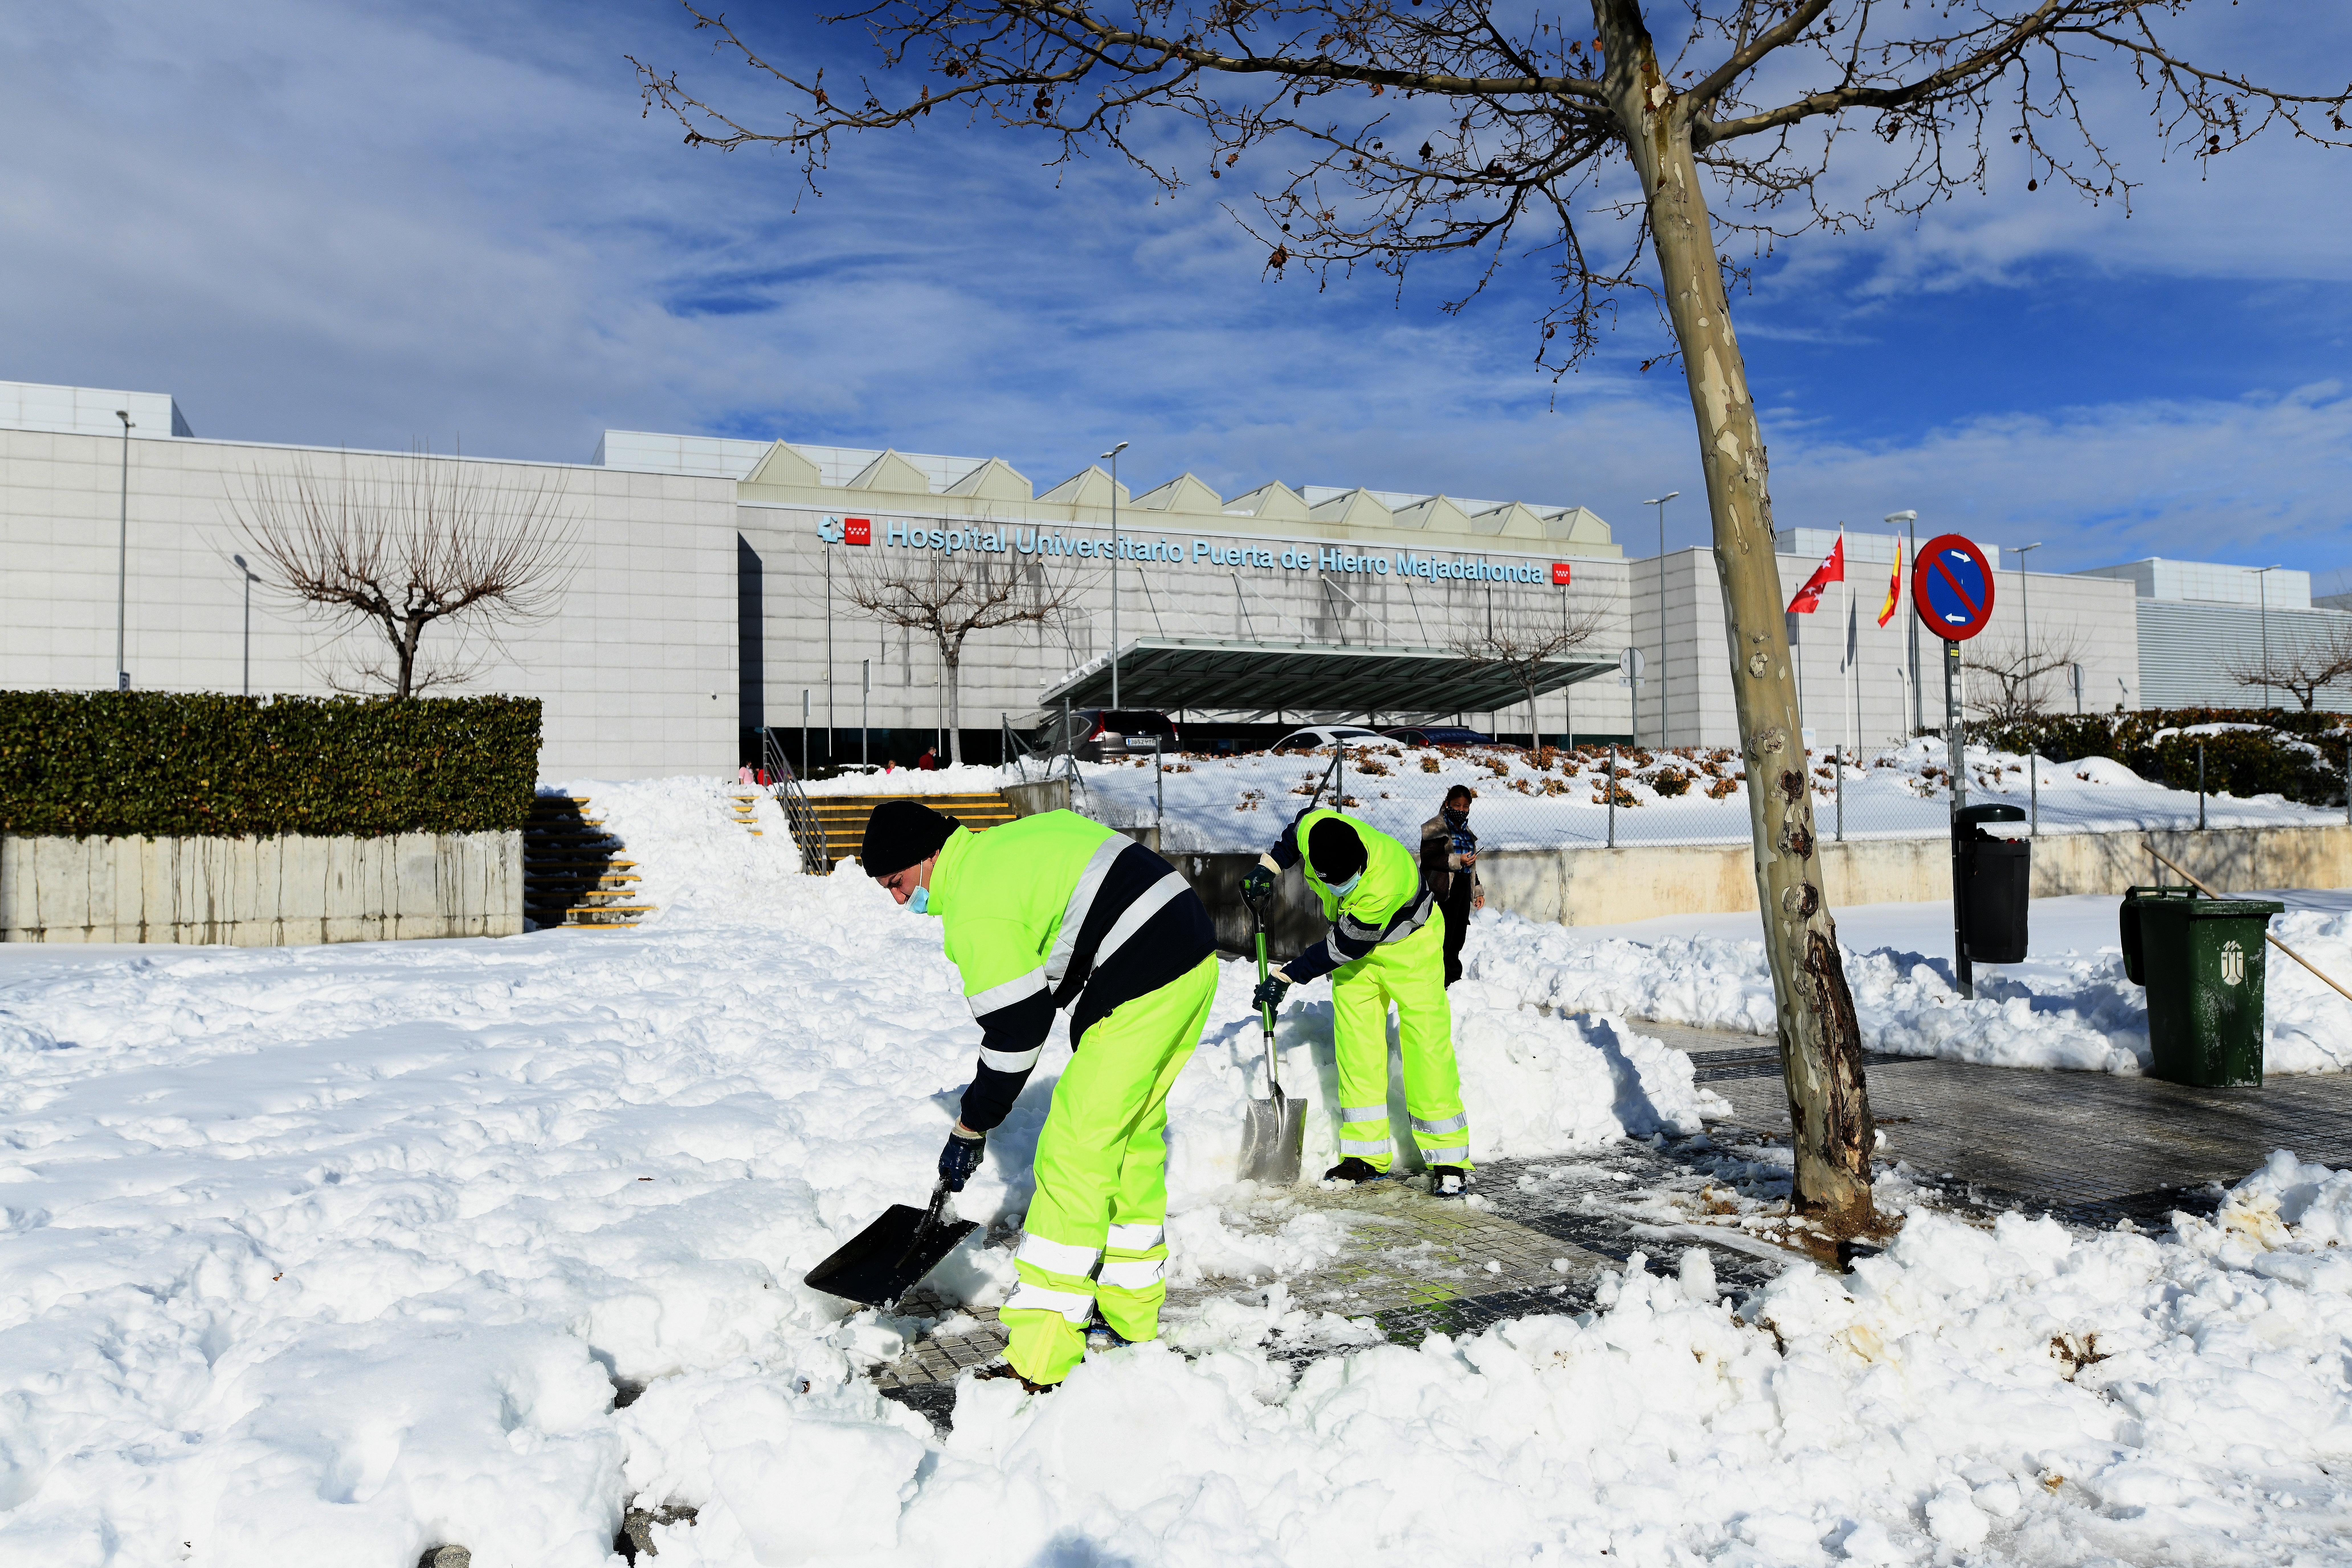 Madridban próbálják eltakarítani a havat, mielőtt minden jéggé fagyna